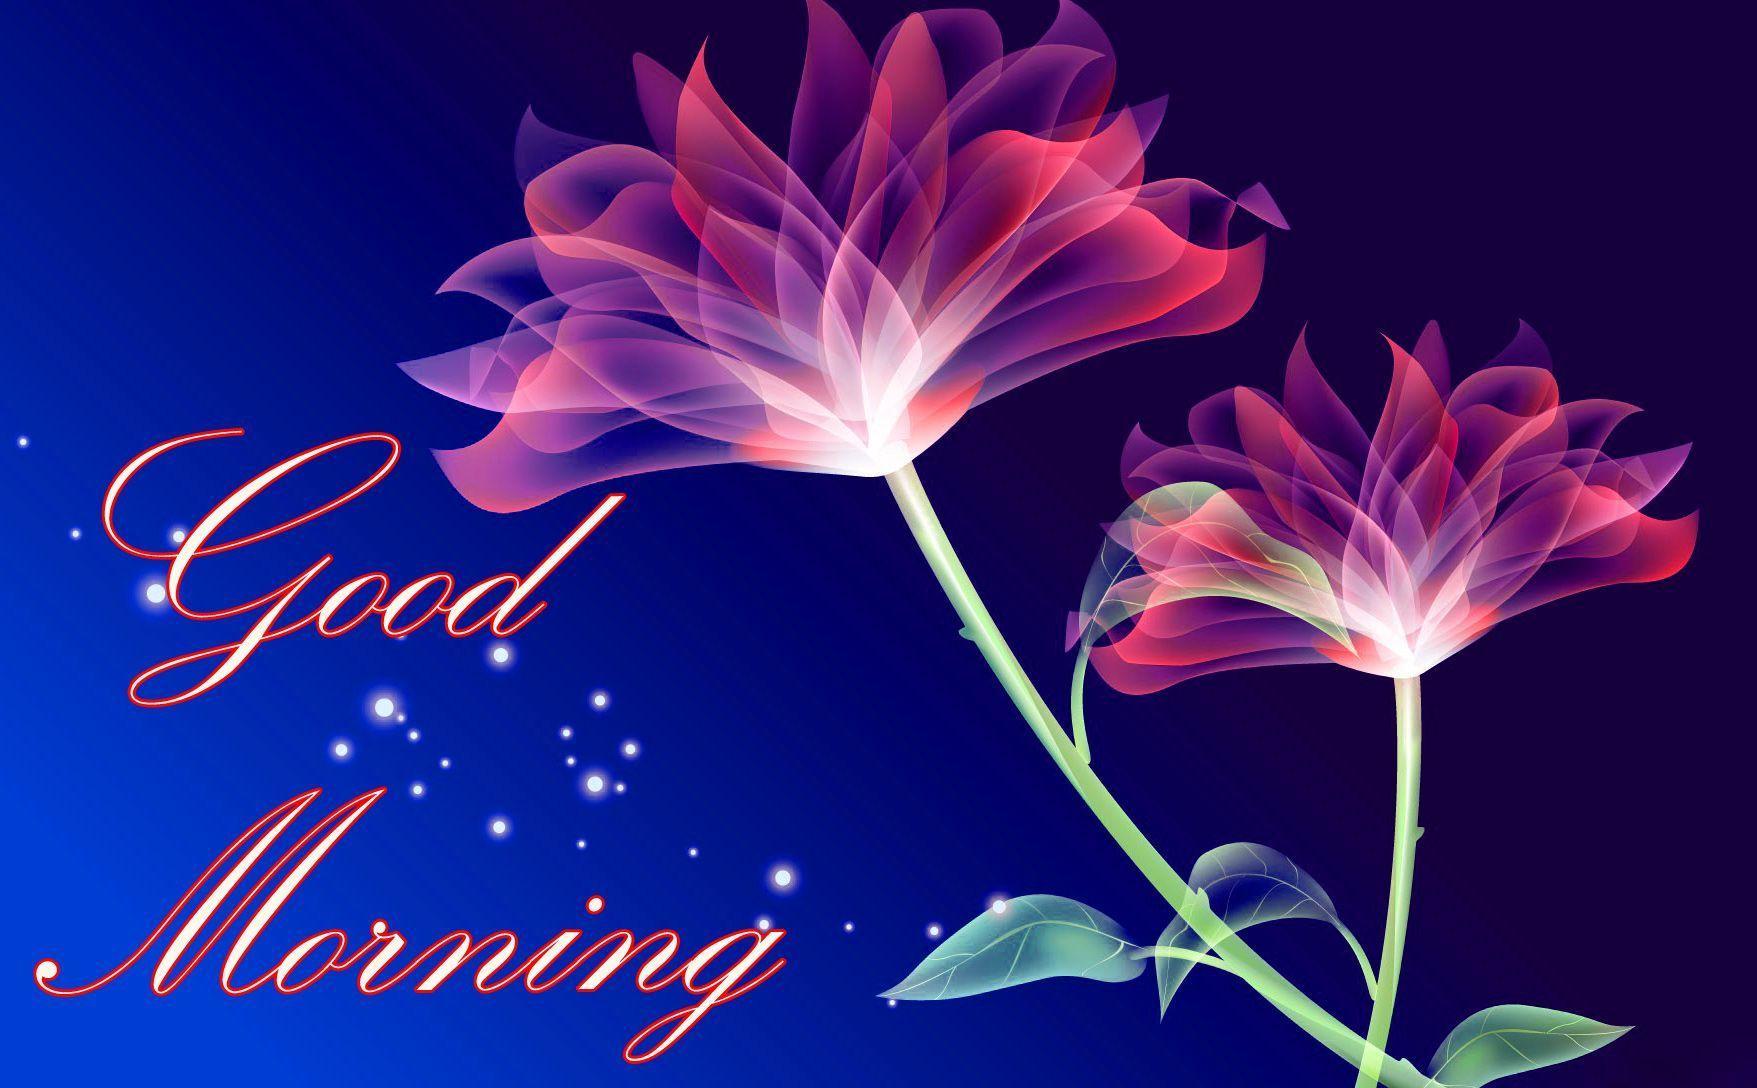 1757x1088 Hình ảnh Chào buổi sáng đẹp HD.  Tải hình ảnh chào buổi sáng, Hình ảnh buổi sáng tốt lành, Hình nền buổi sáng tốt lành